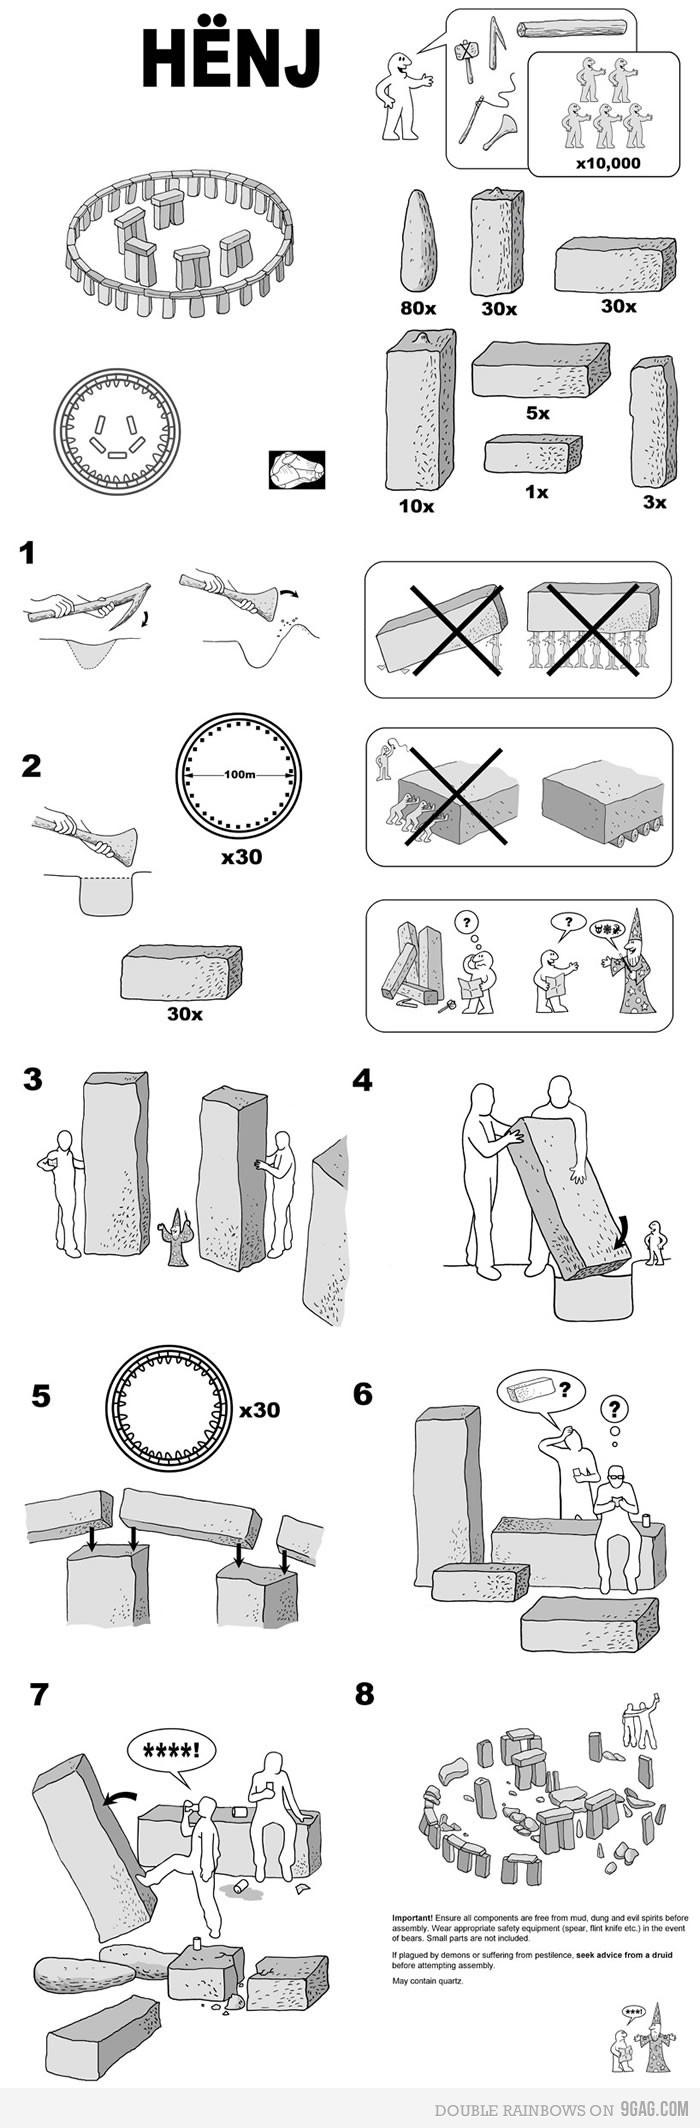 Ikea instrukcije za izgradnju Stonehangea